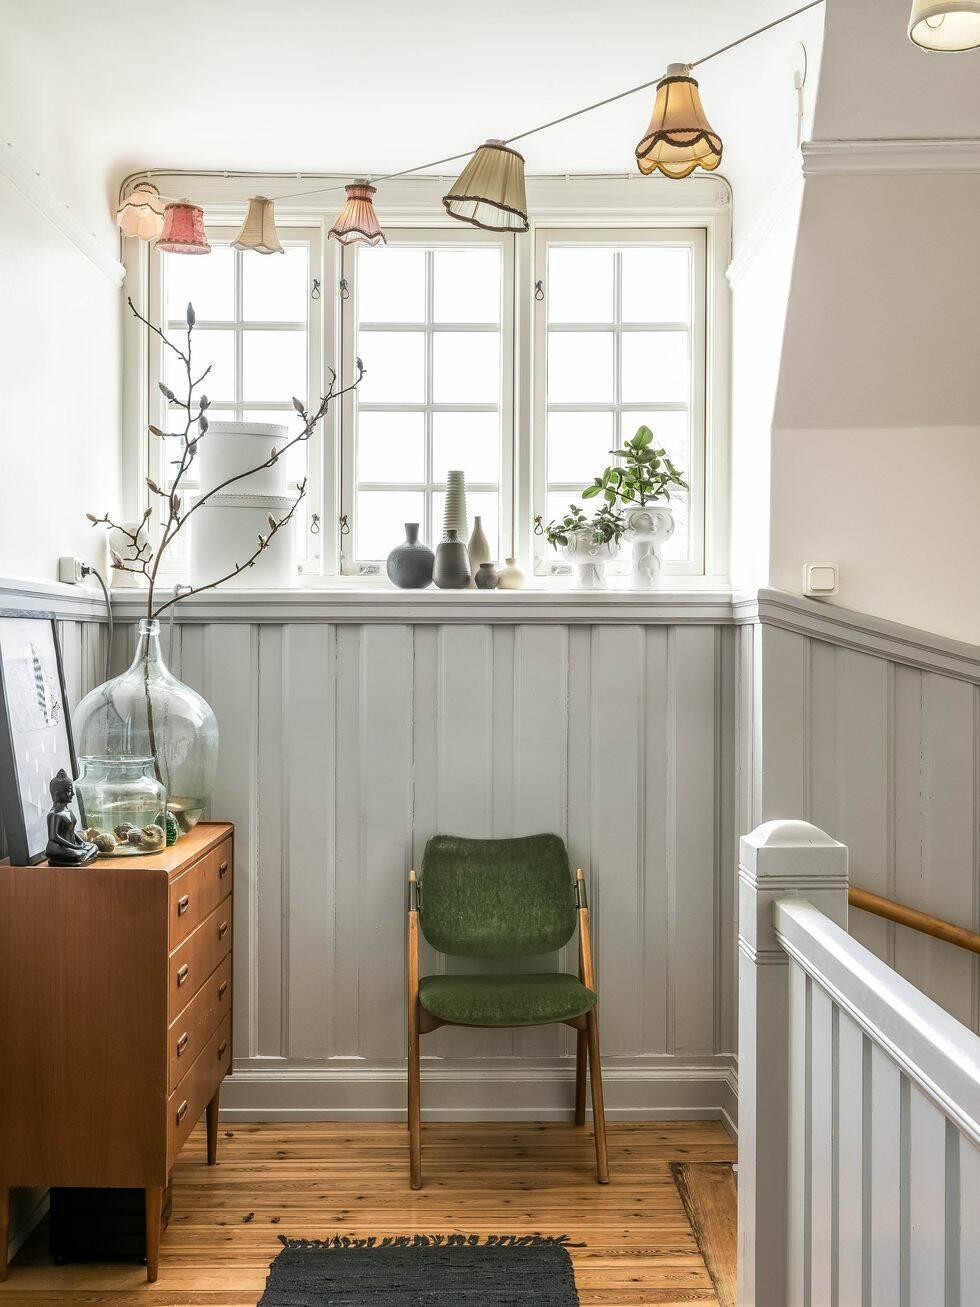 Kolla in det gamla stationshuset som förvandlats till ett personligt hem